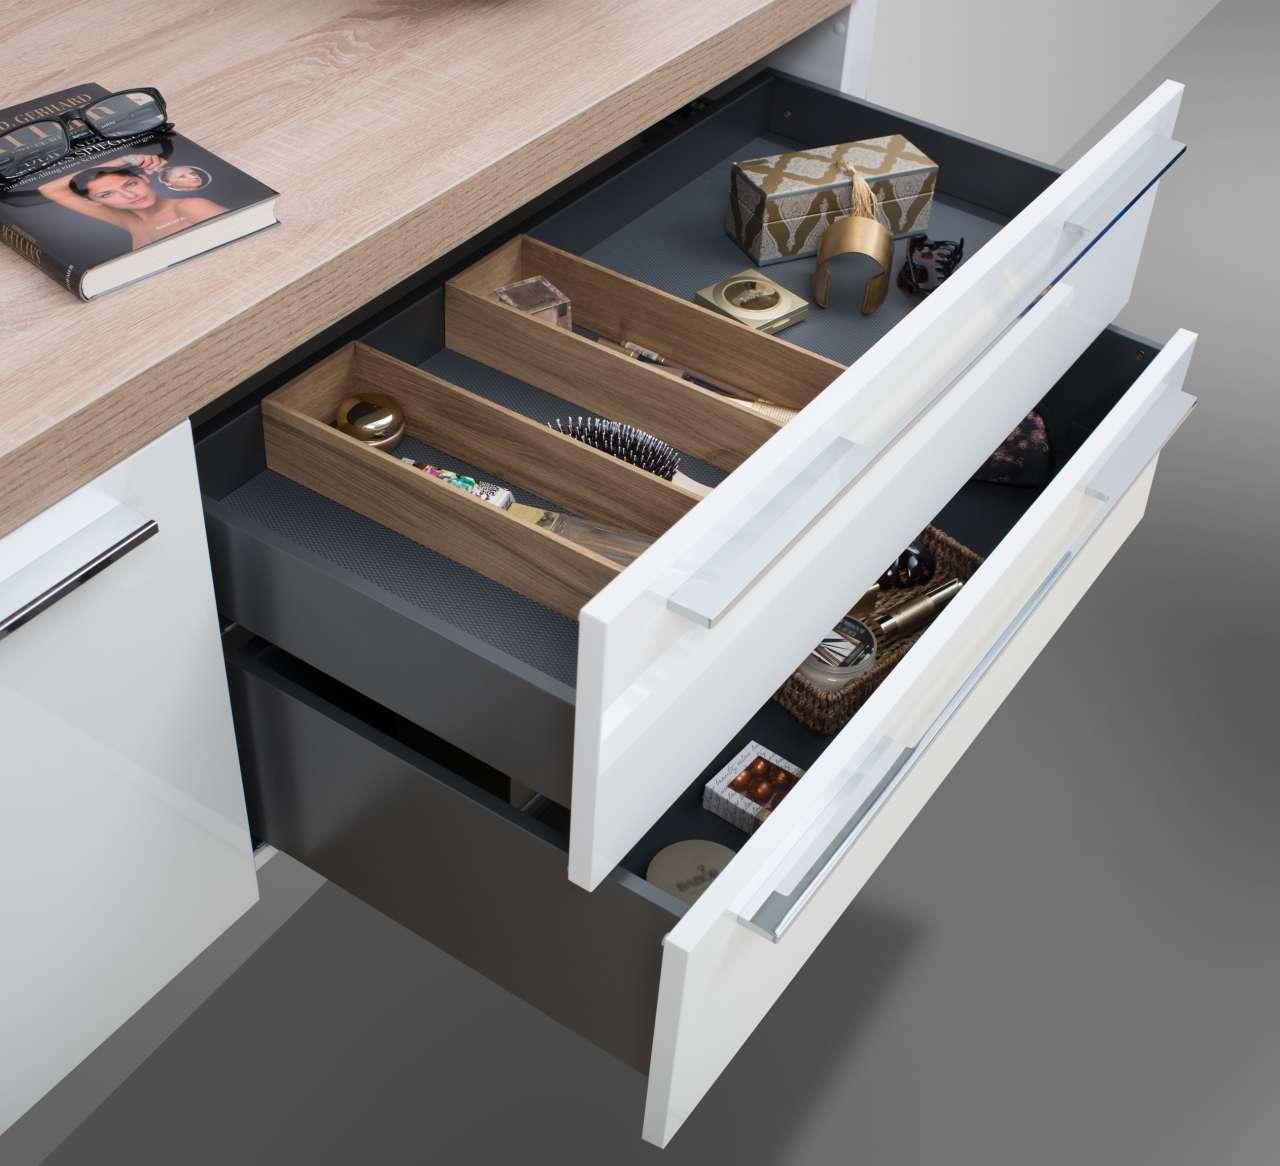 Waschtischplatte nach Maß Design Badmöbel Set mit Waschbecken | eBay